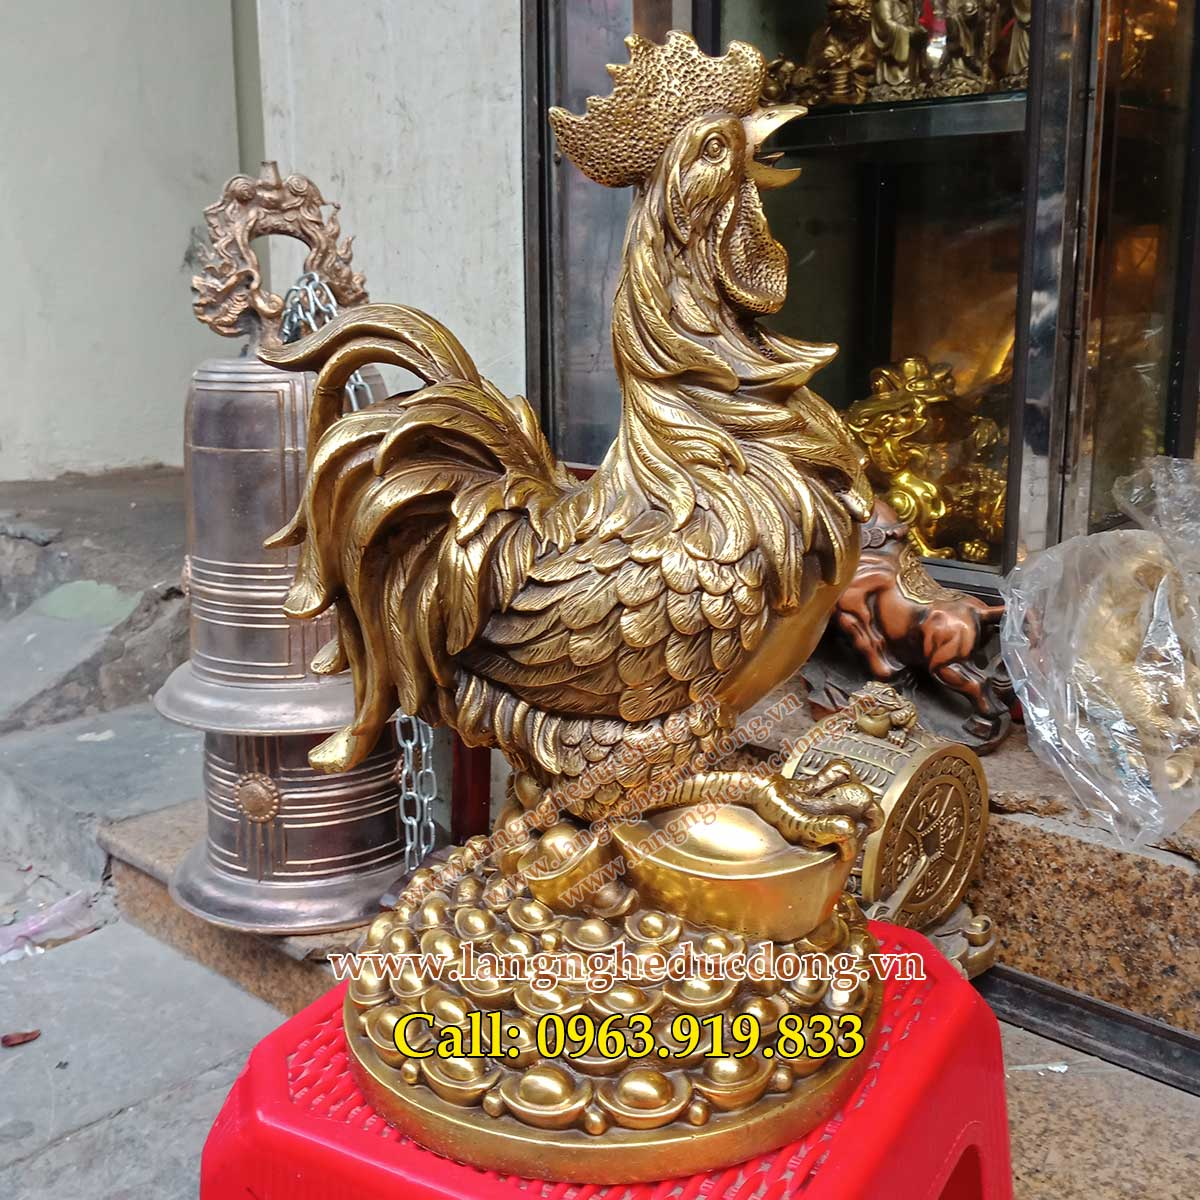 gà phong thủy chống lại thói trăng hoa, bán gà phong thủy bằng đồng, giá bán gà đồng, gà phong thủy